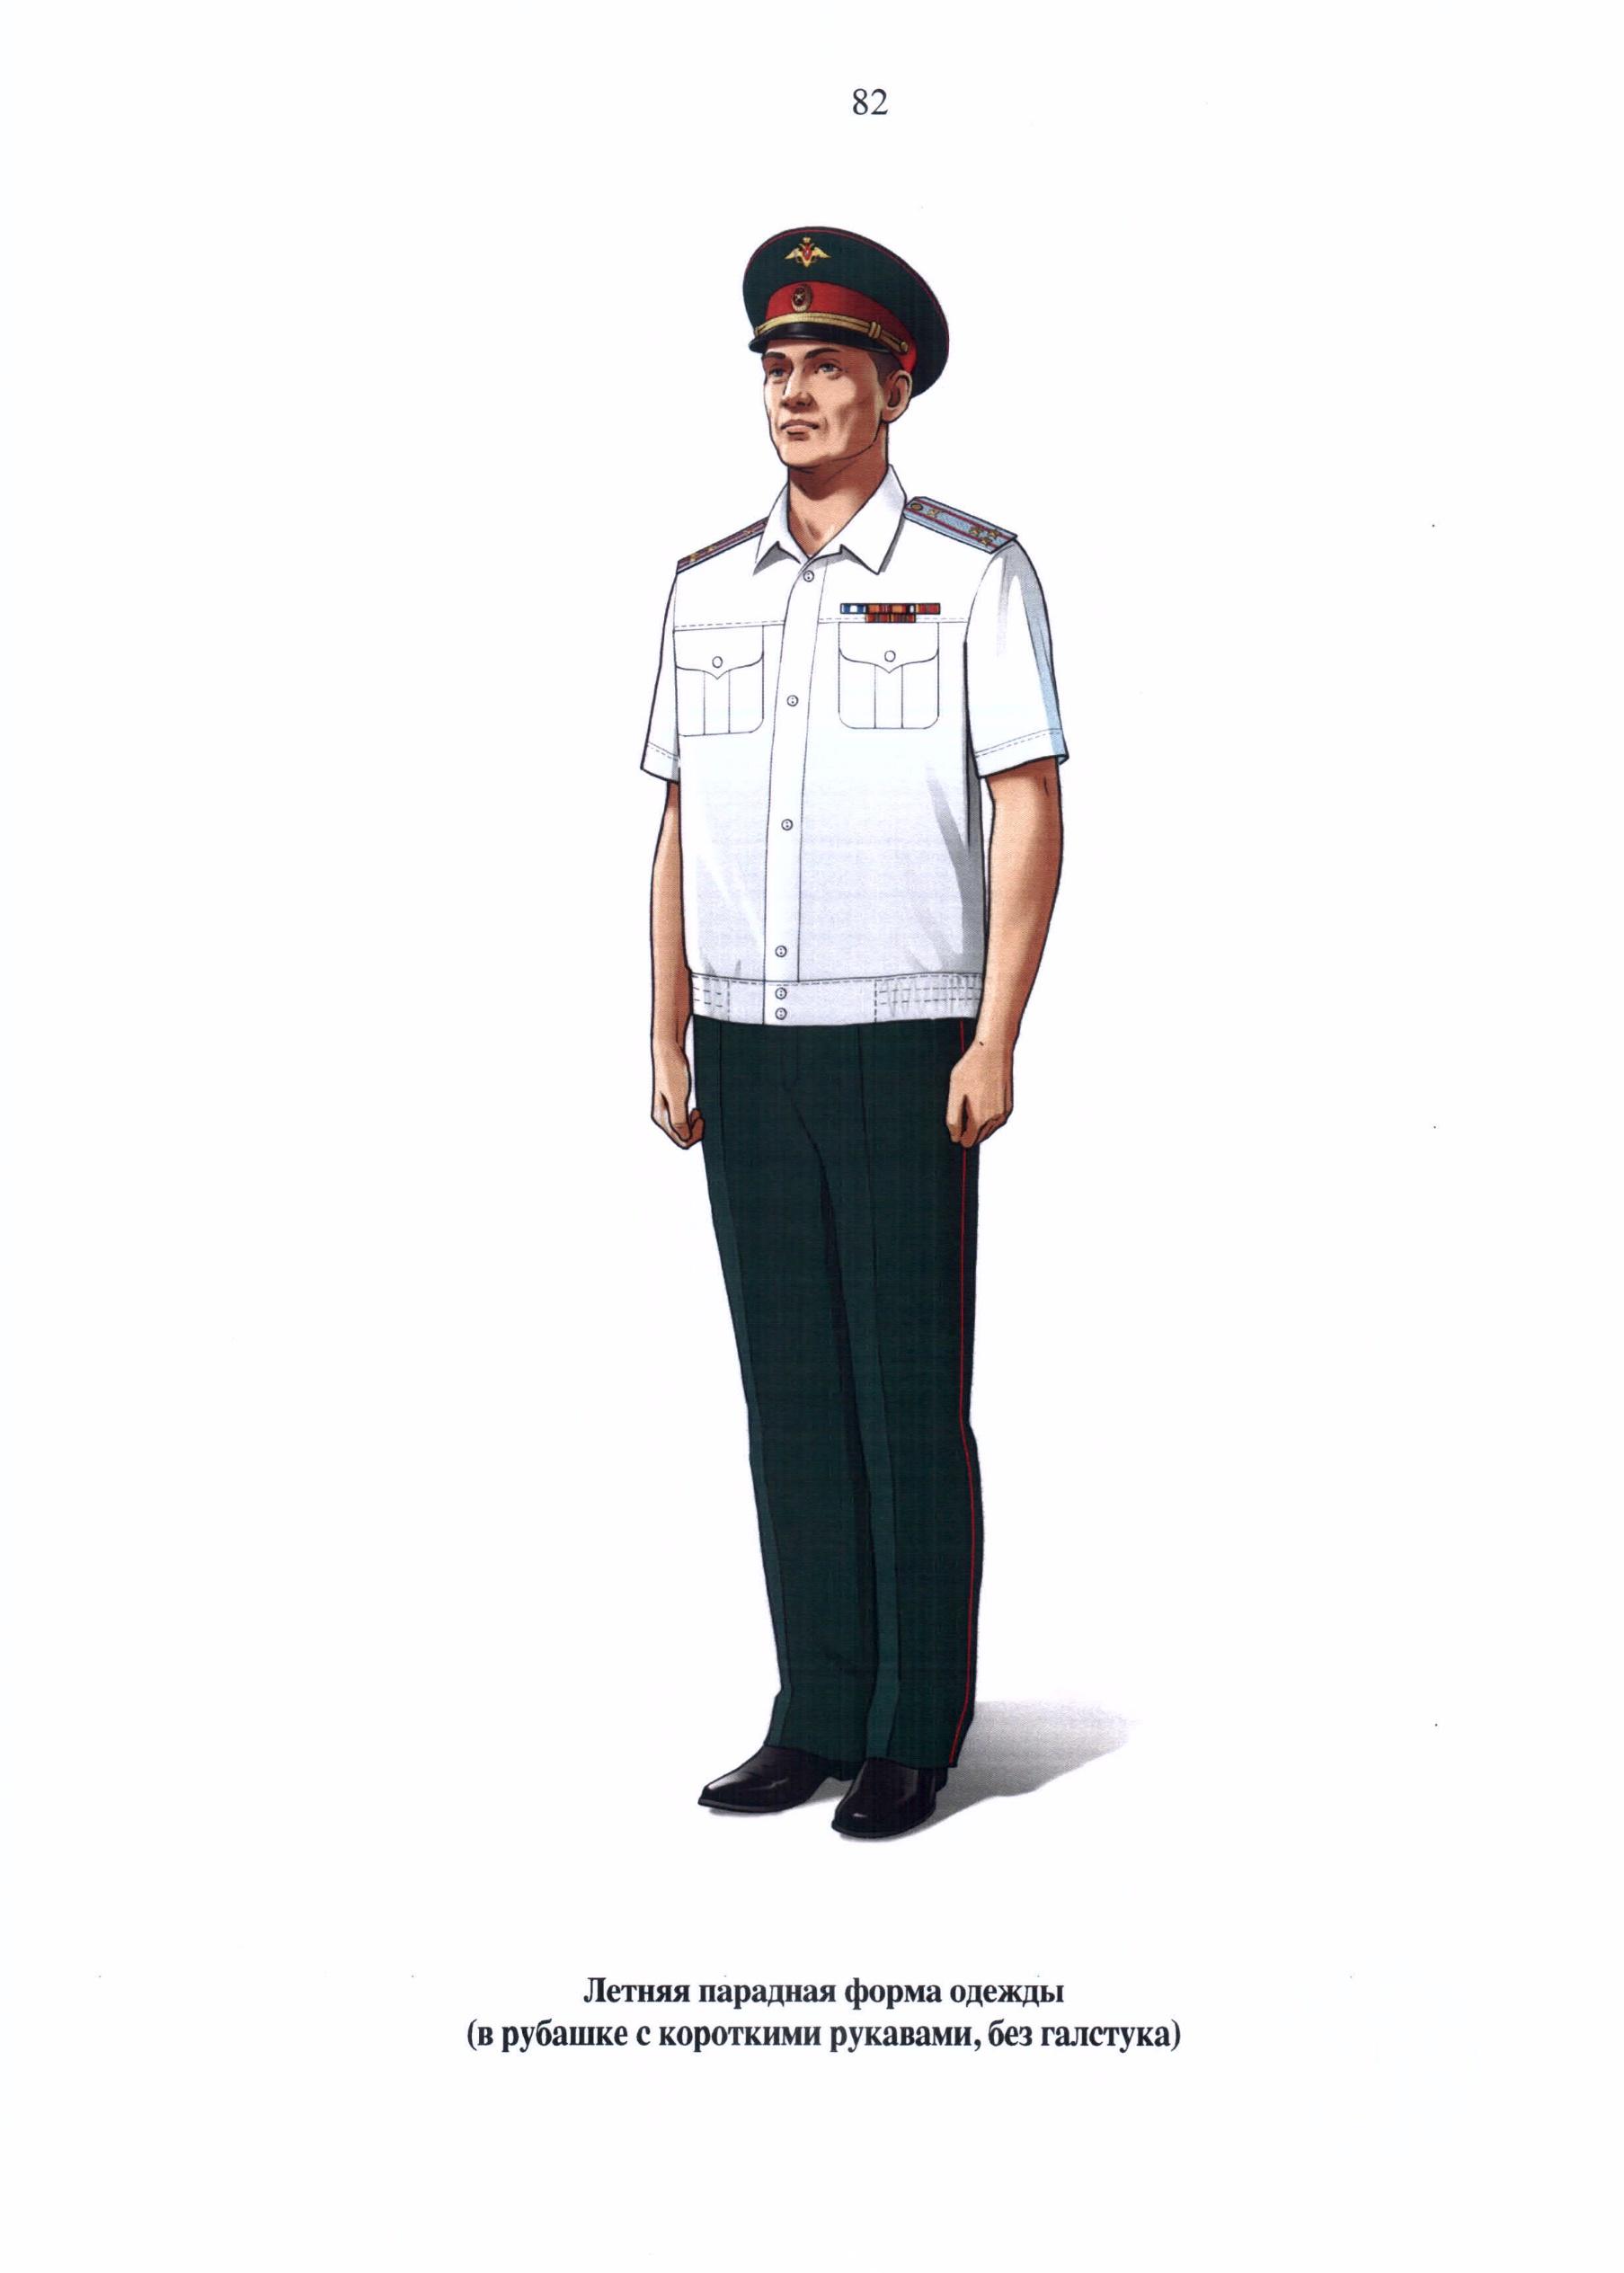 C:\Users\User\Desktop\Приказ МО РФ от 22.06.2015 г. № 300 Правила ношения военной формы одежды\180027.JPG